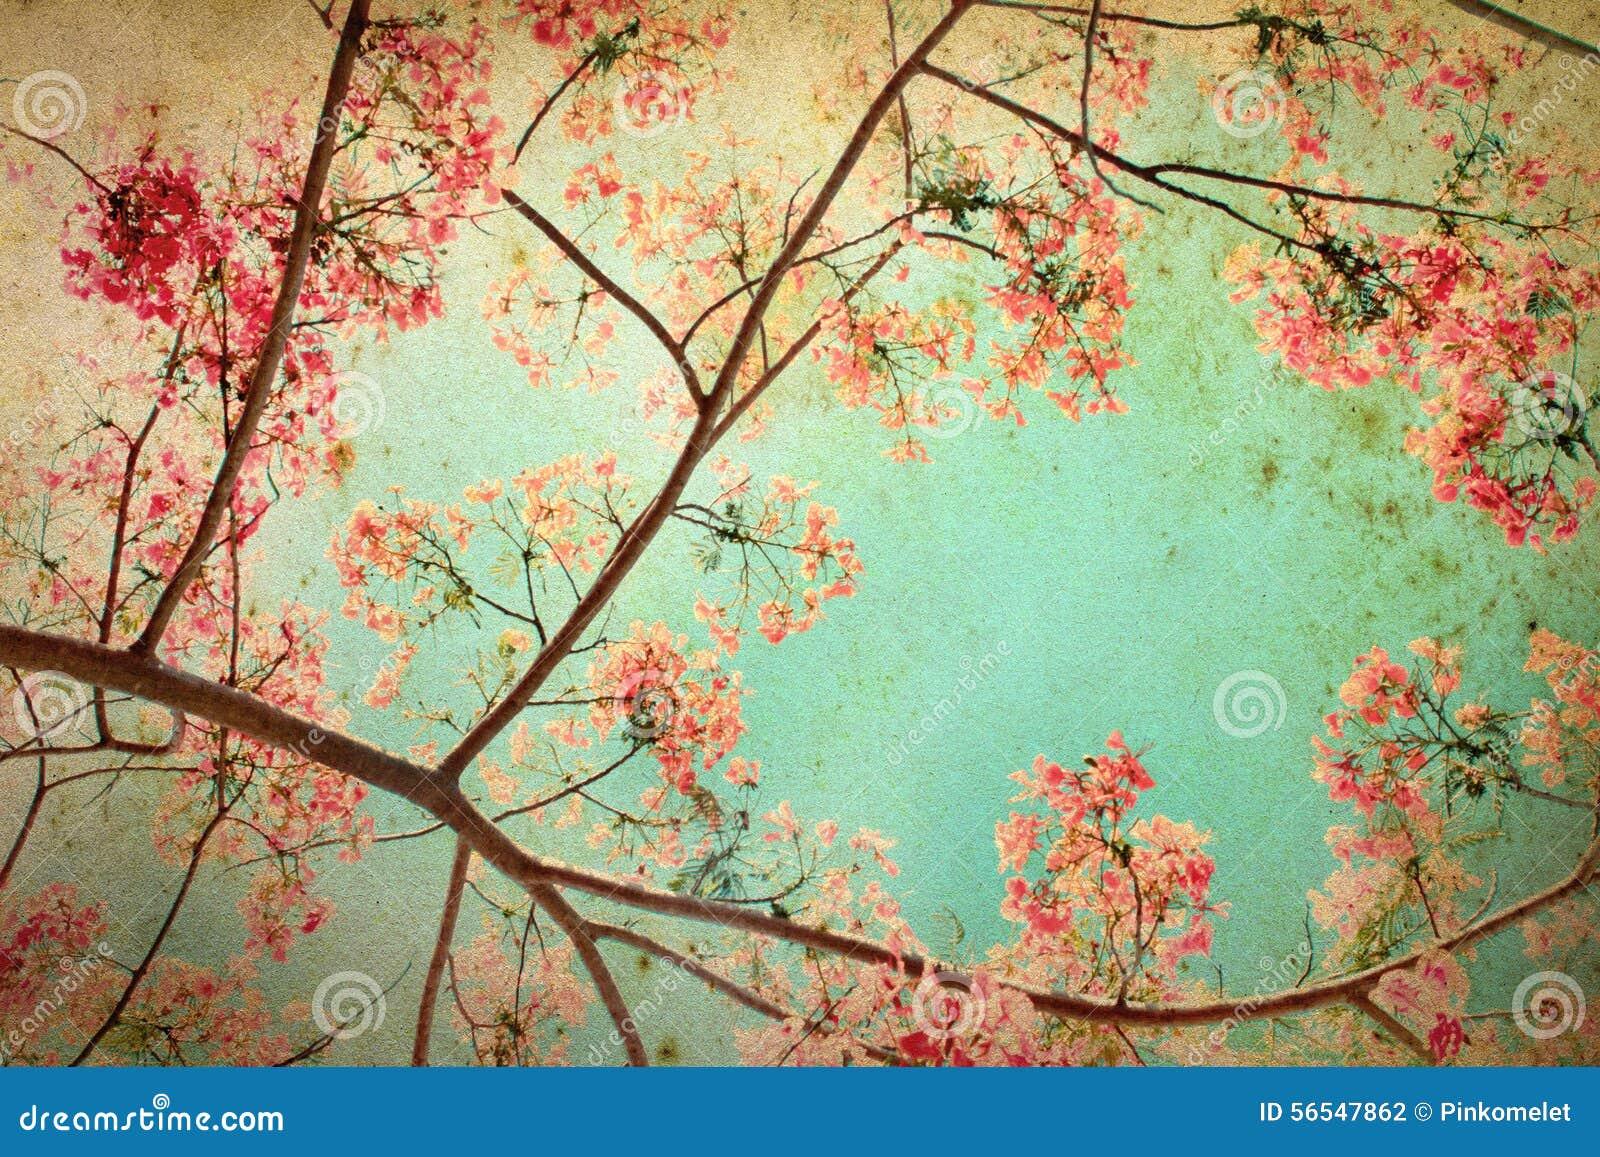 Fundo retro abstrato das flores Flam-boyant ou de pavão